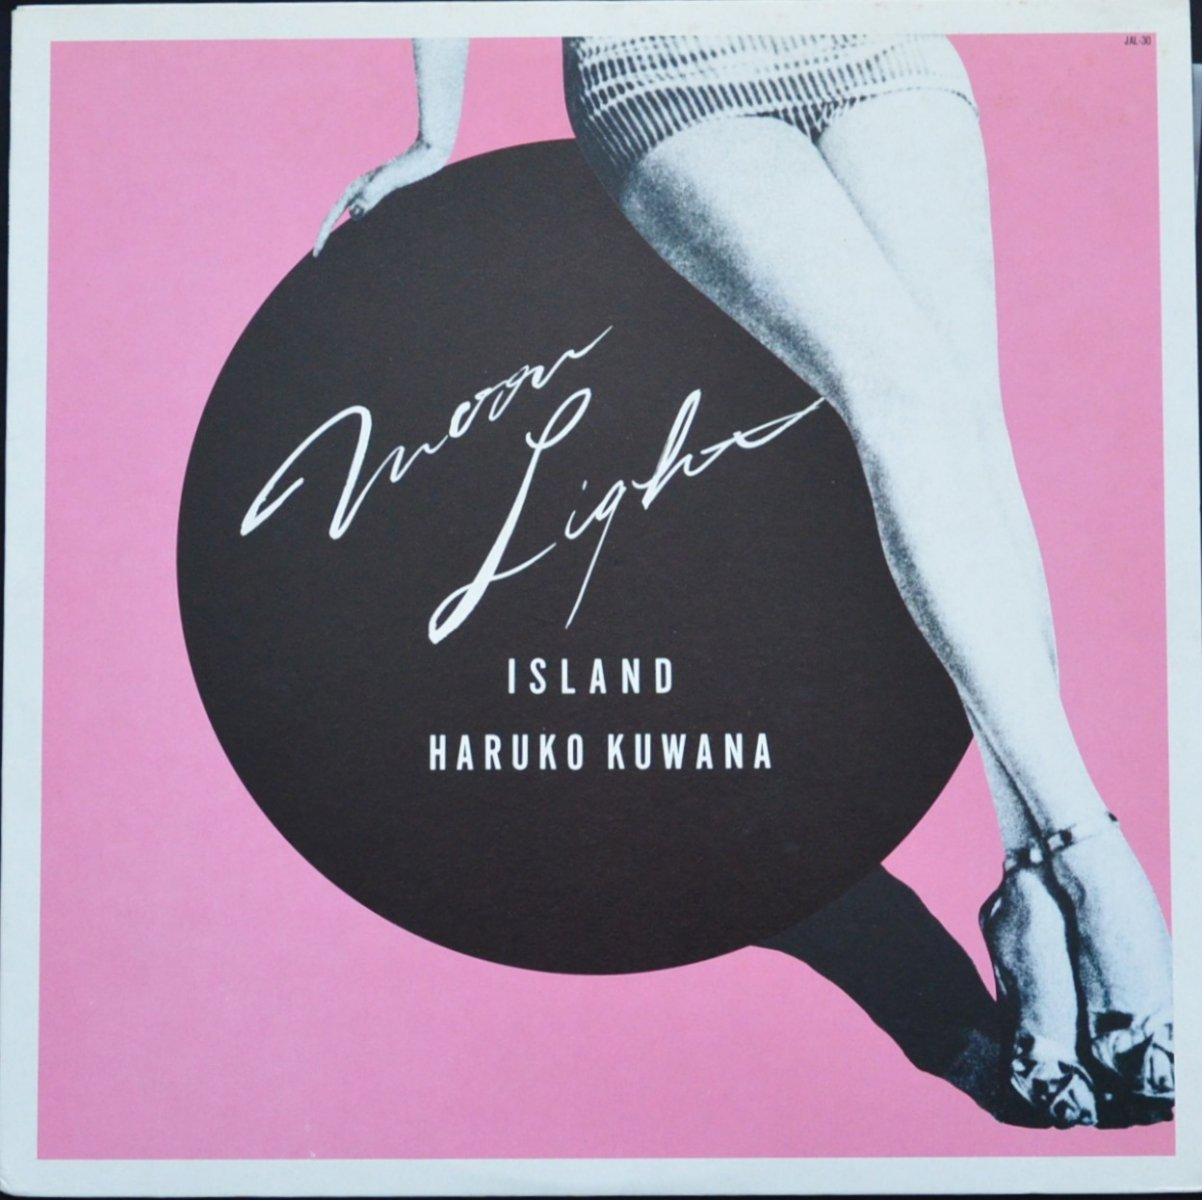 桑名晴子 HARUKO KUWANA / MOON LIGHT ISLAND (LP)